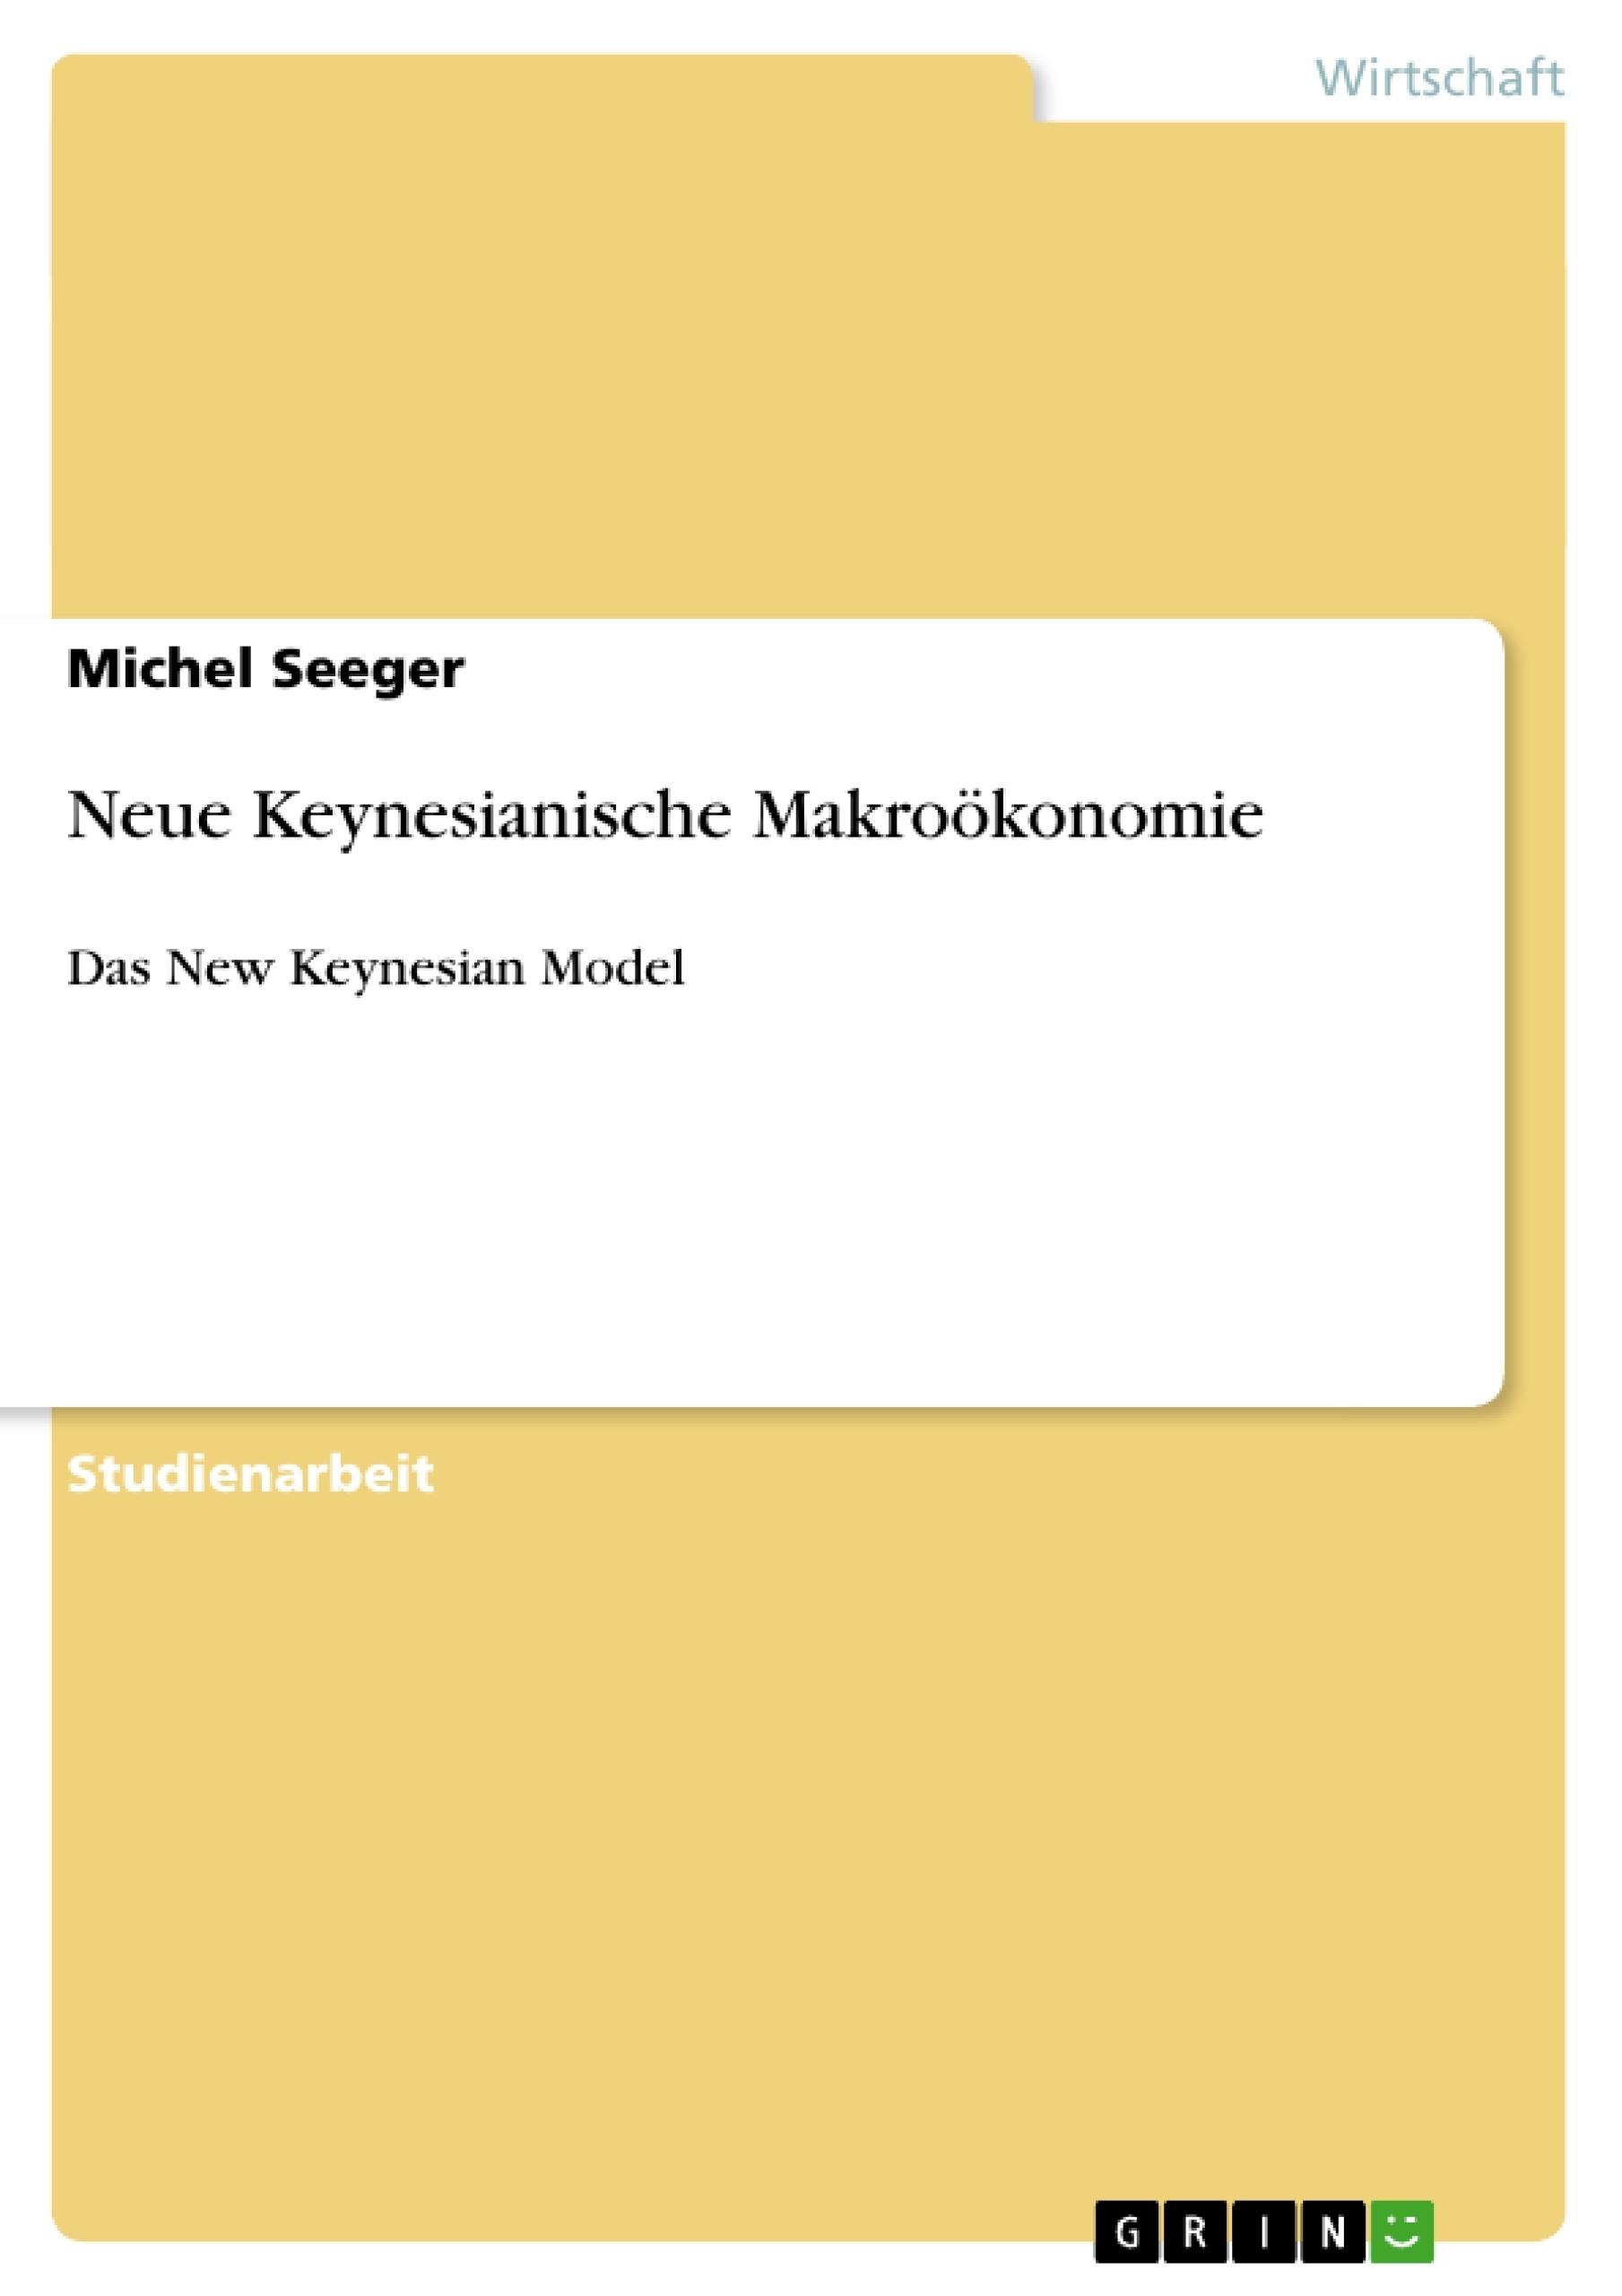 Titel: Neue Keynesianische Makroökonomie